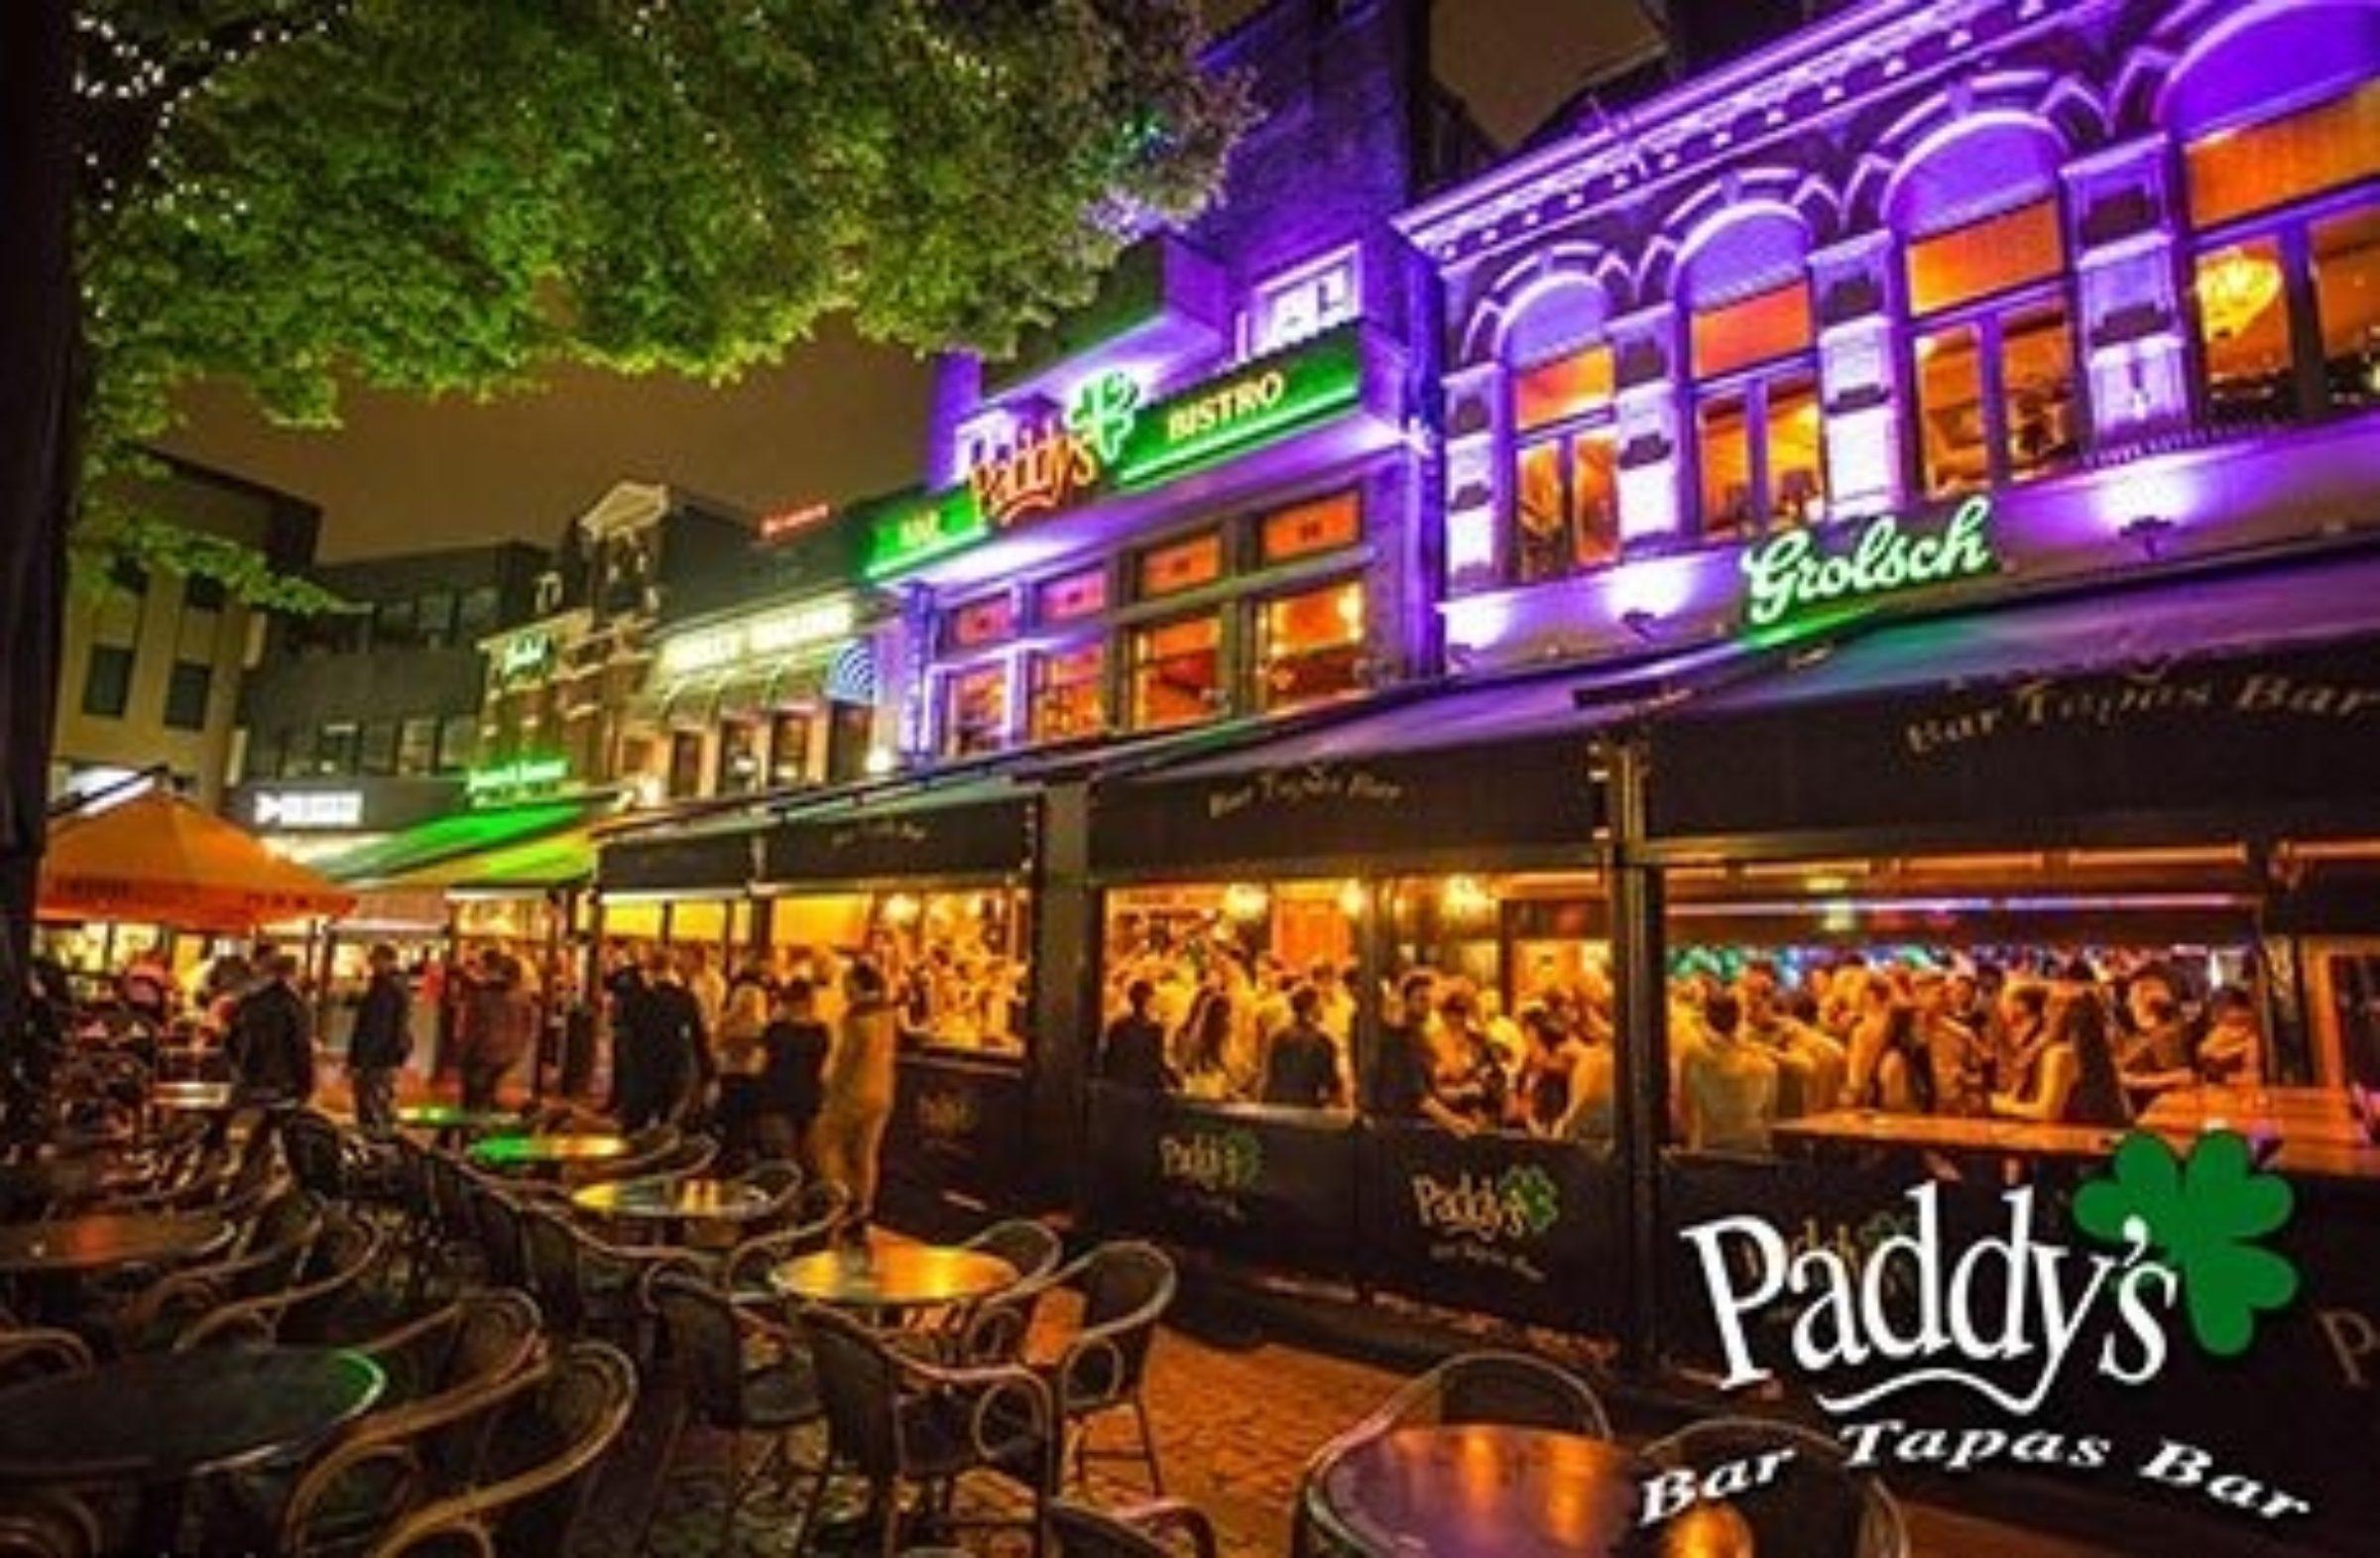 Paddys